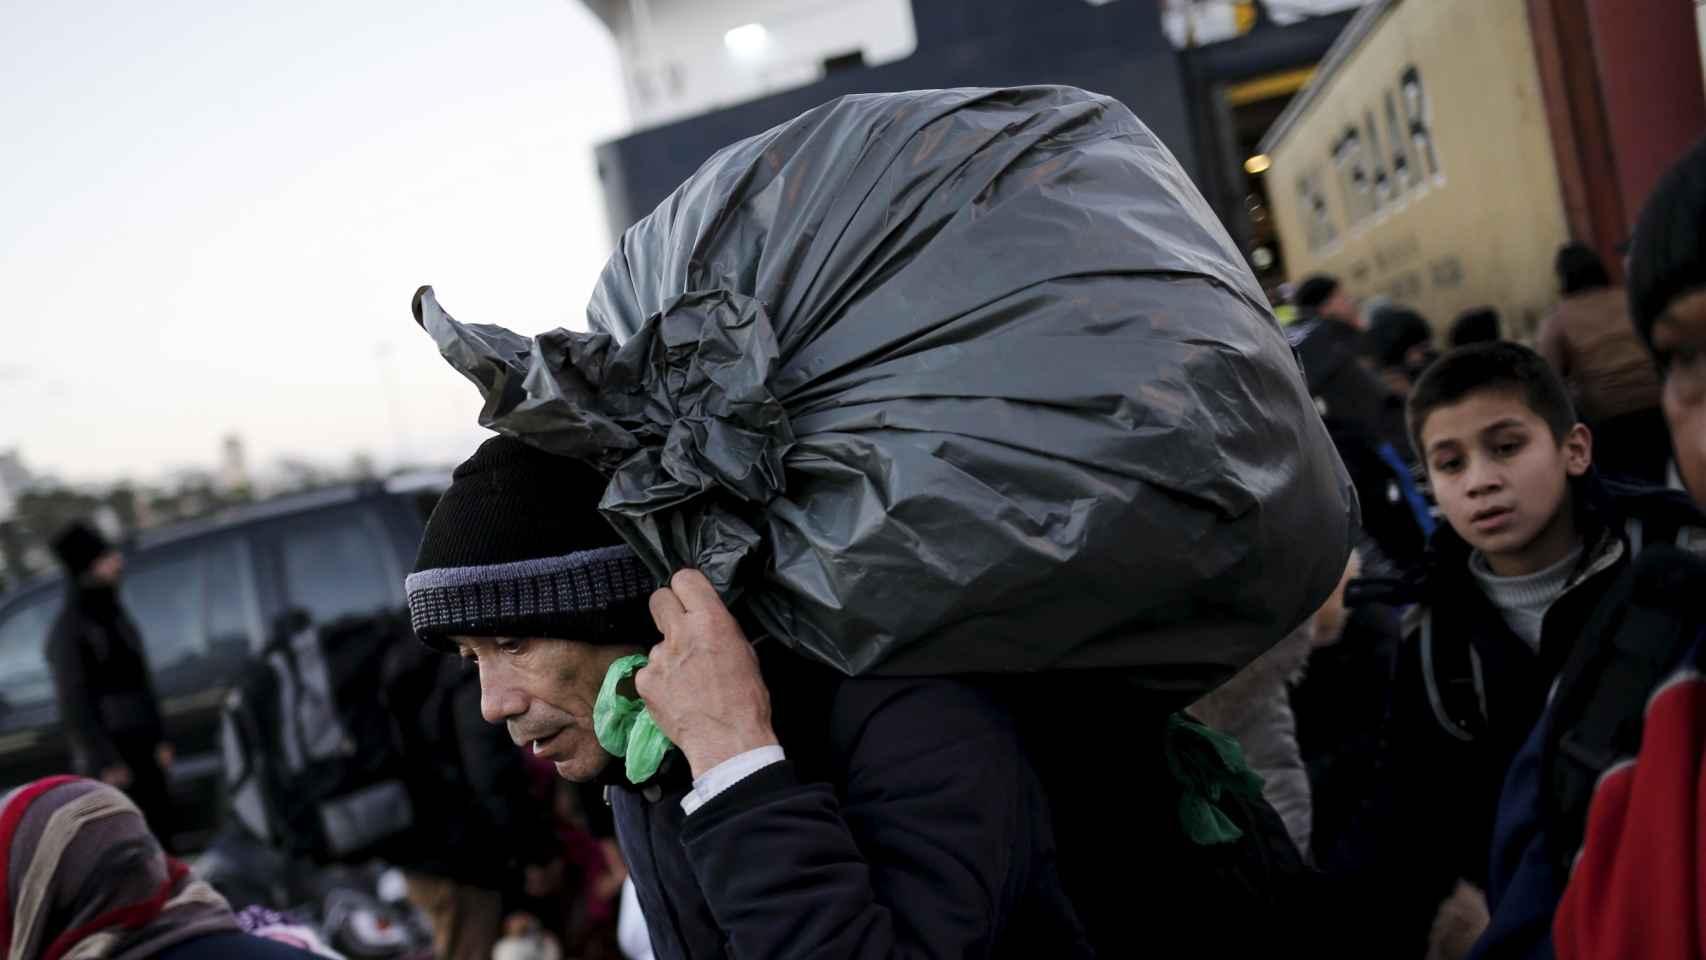 Un refugiado afgano llega al puerto de Pireo en Grecia.